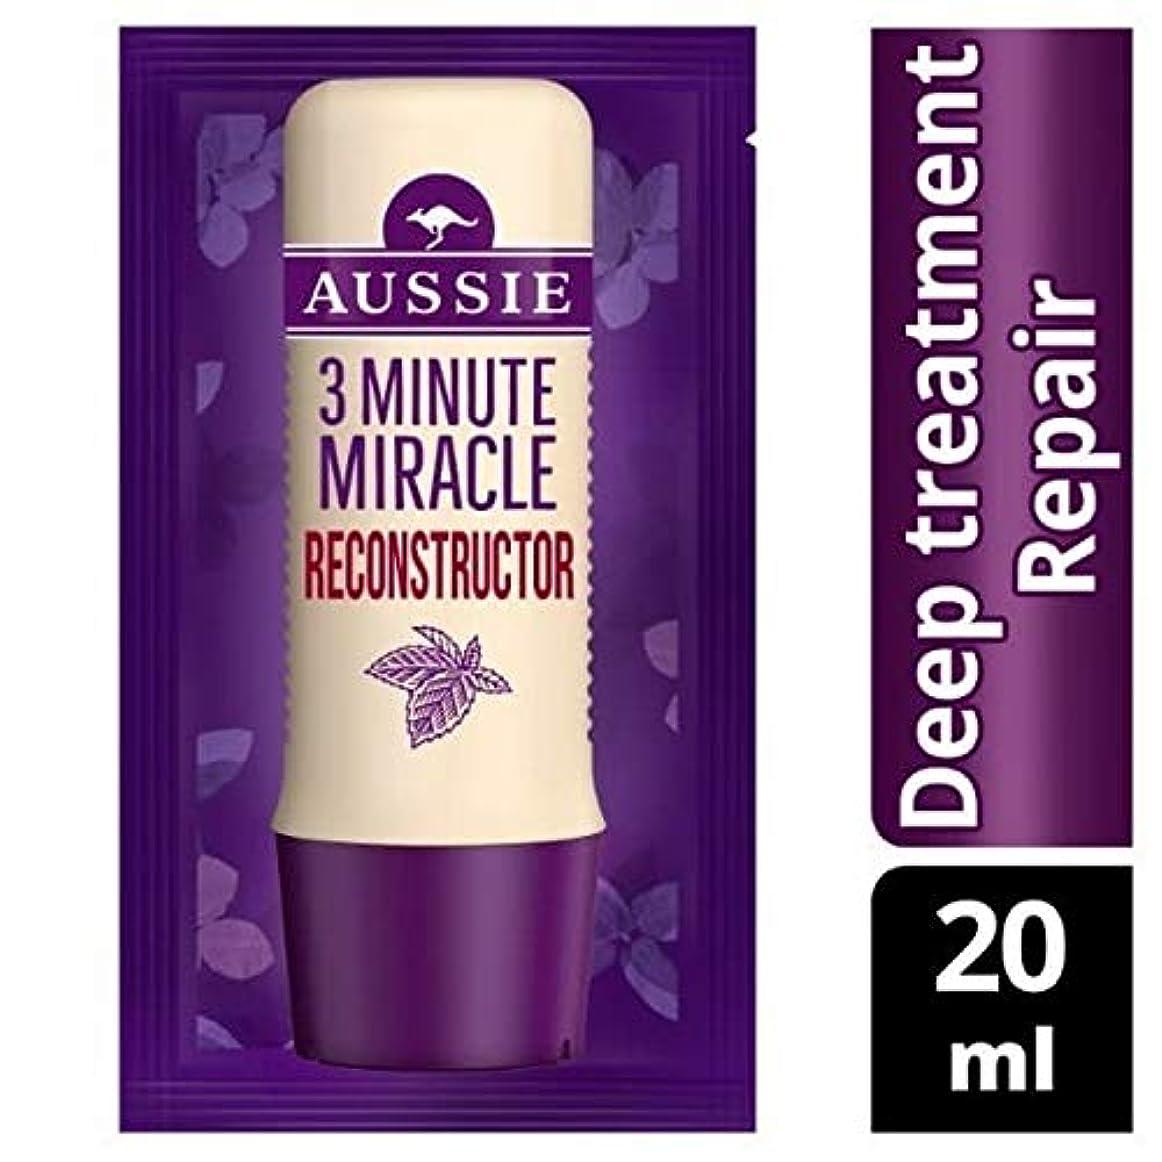 しわフック意志[Aussie ] オーストラリアの深い治療3分の奇跡の再構成の20ミリリットル - Aussie Deep Treatment 3 Minute Miracle Reconstructor 20ml [並行輸入品]